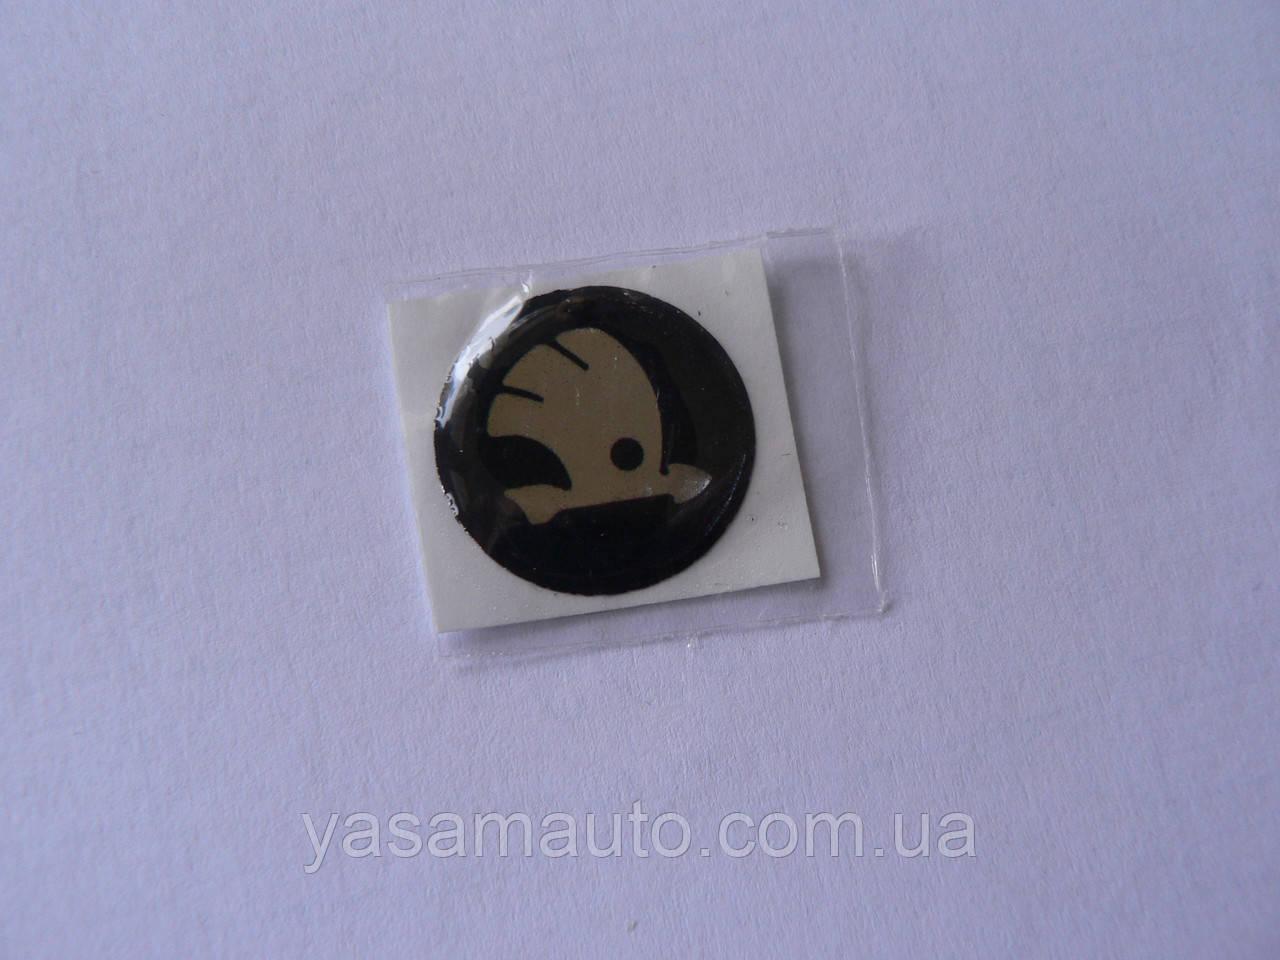 Наклейка s круглая Skoda 20х20х1.2мм серебристая силиконовая эмблема логотип бренд в круге на авто  Уценка